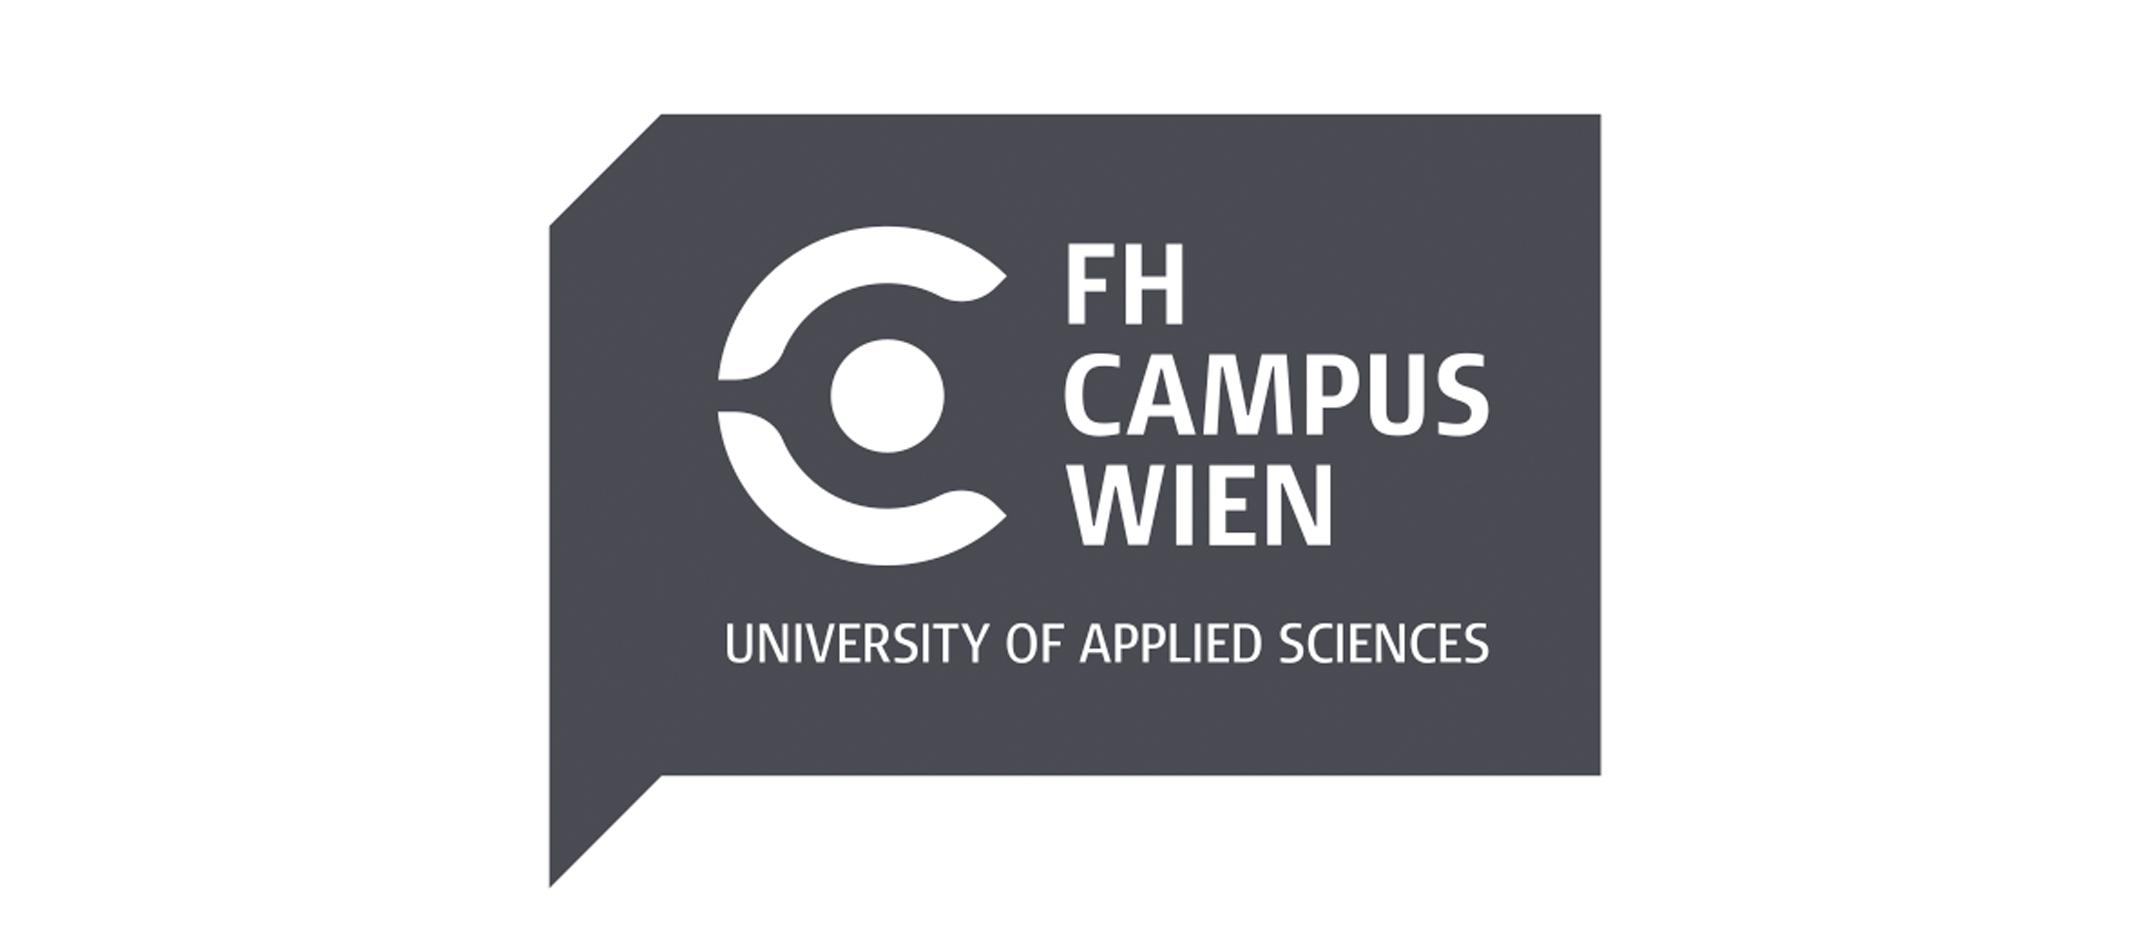 Fachhochschule Campus Wien